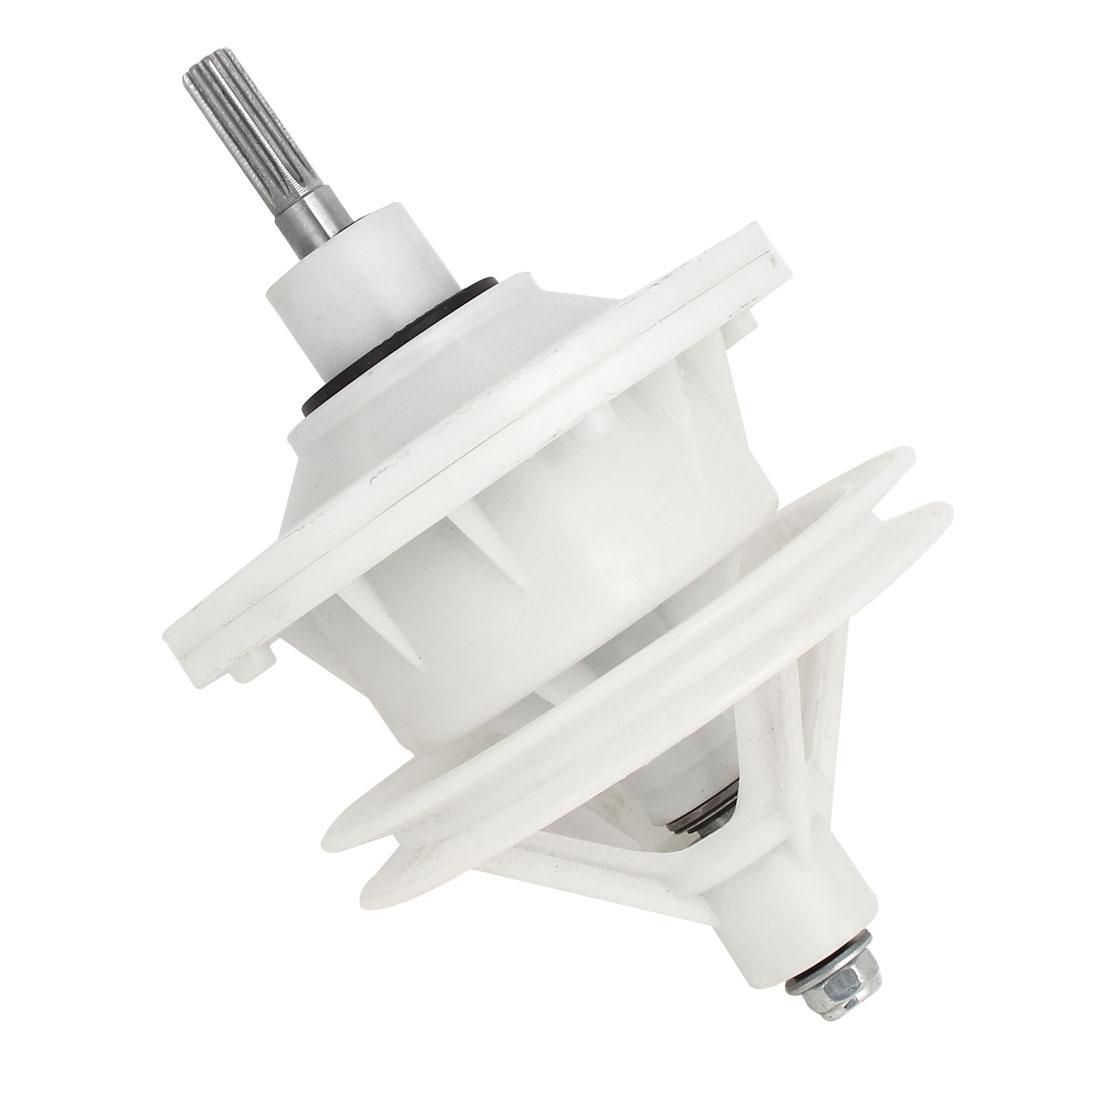 40mm Shaft Washing Machine Transmission 10 Splines Shaft 4 Hole Base 130mmx200mm